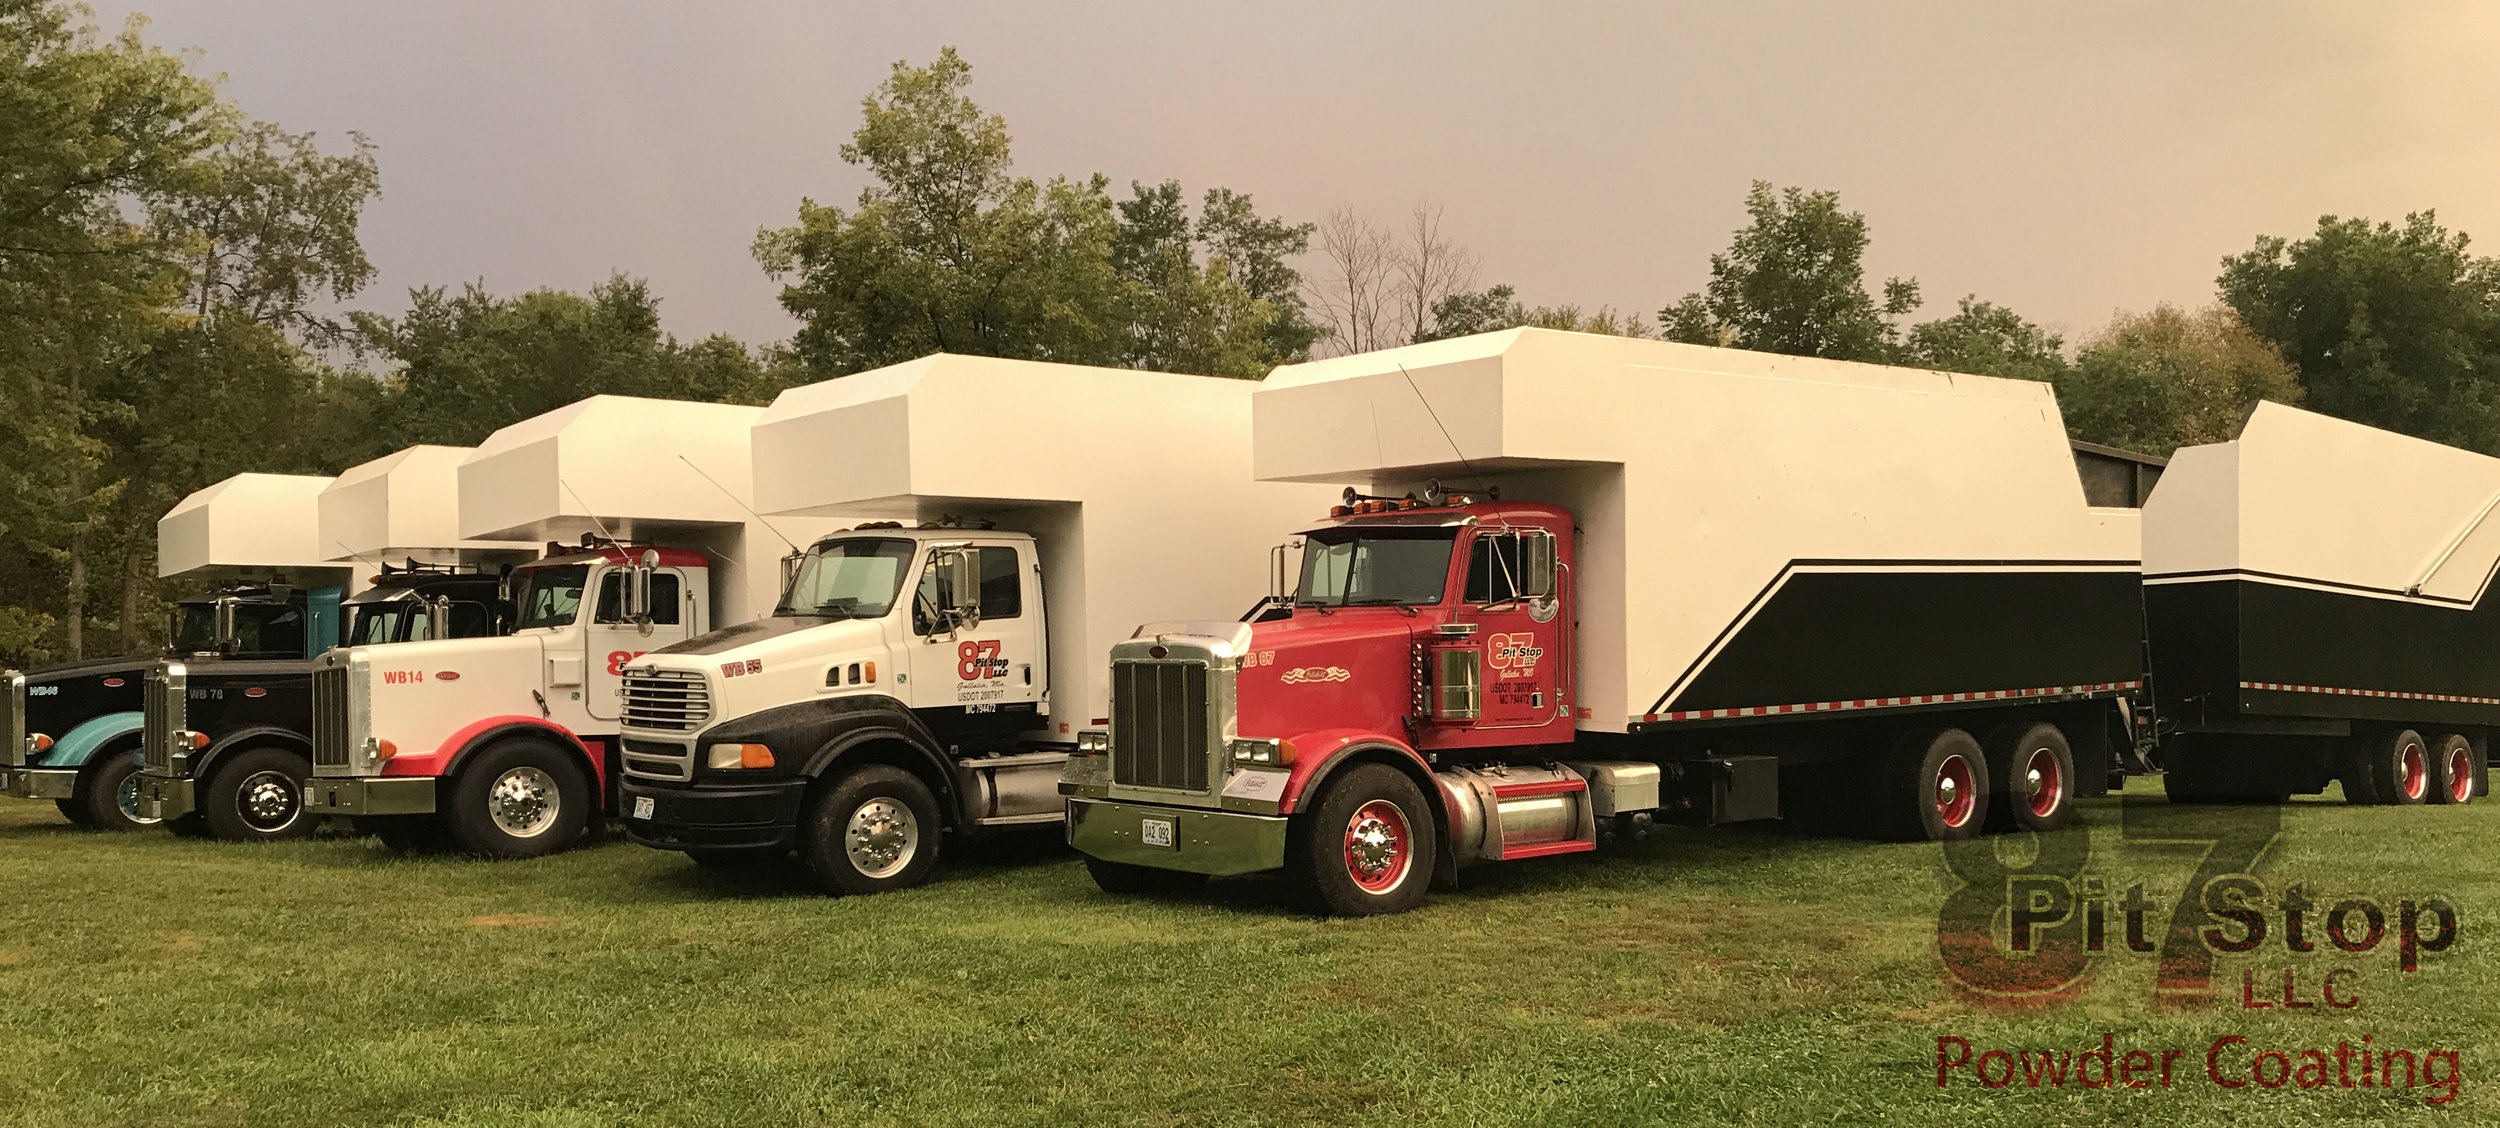 trucks2.jpg